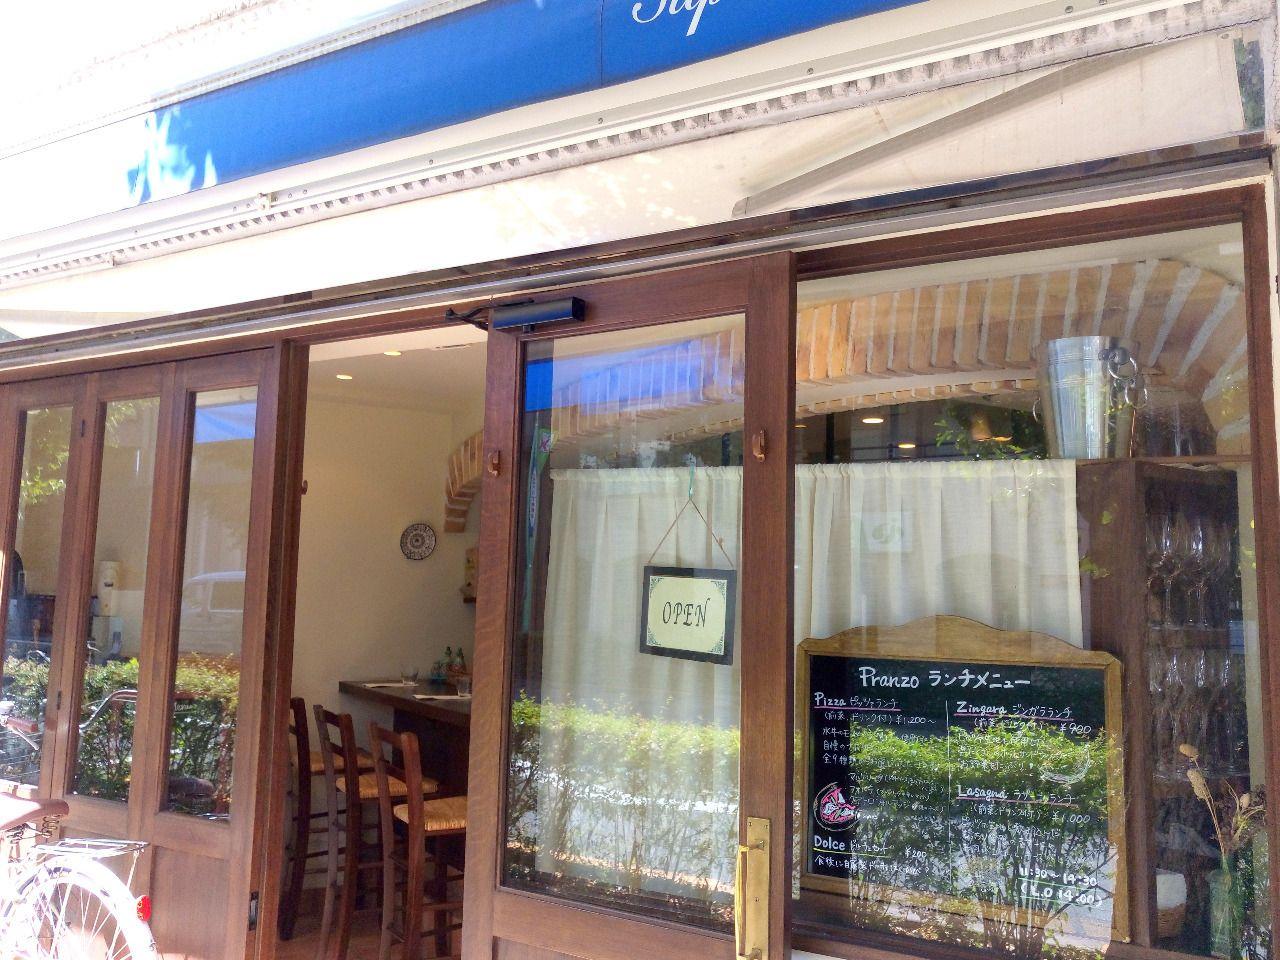 三鷹にある人気イタリアンレストラン Supernova